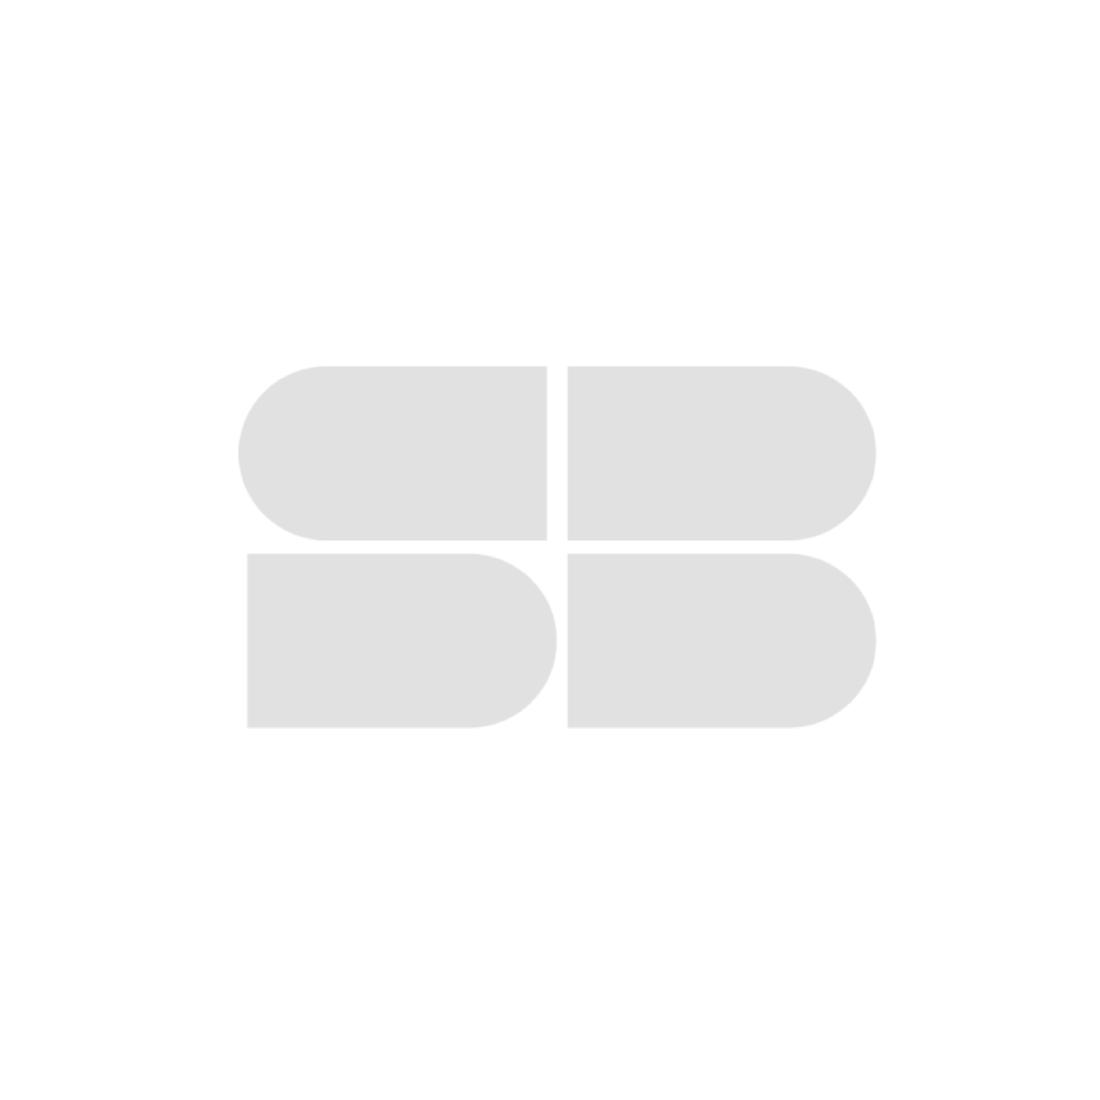 เก้าอี้ผ้ากำมะหยี่ รุ่น Yamigi#2 สีเหลือง